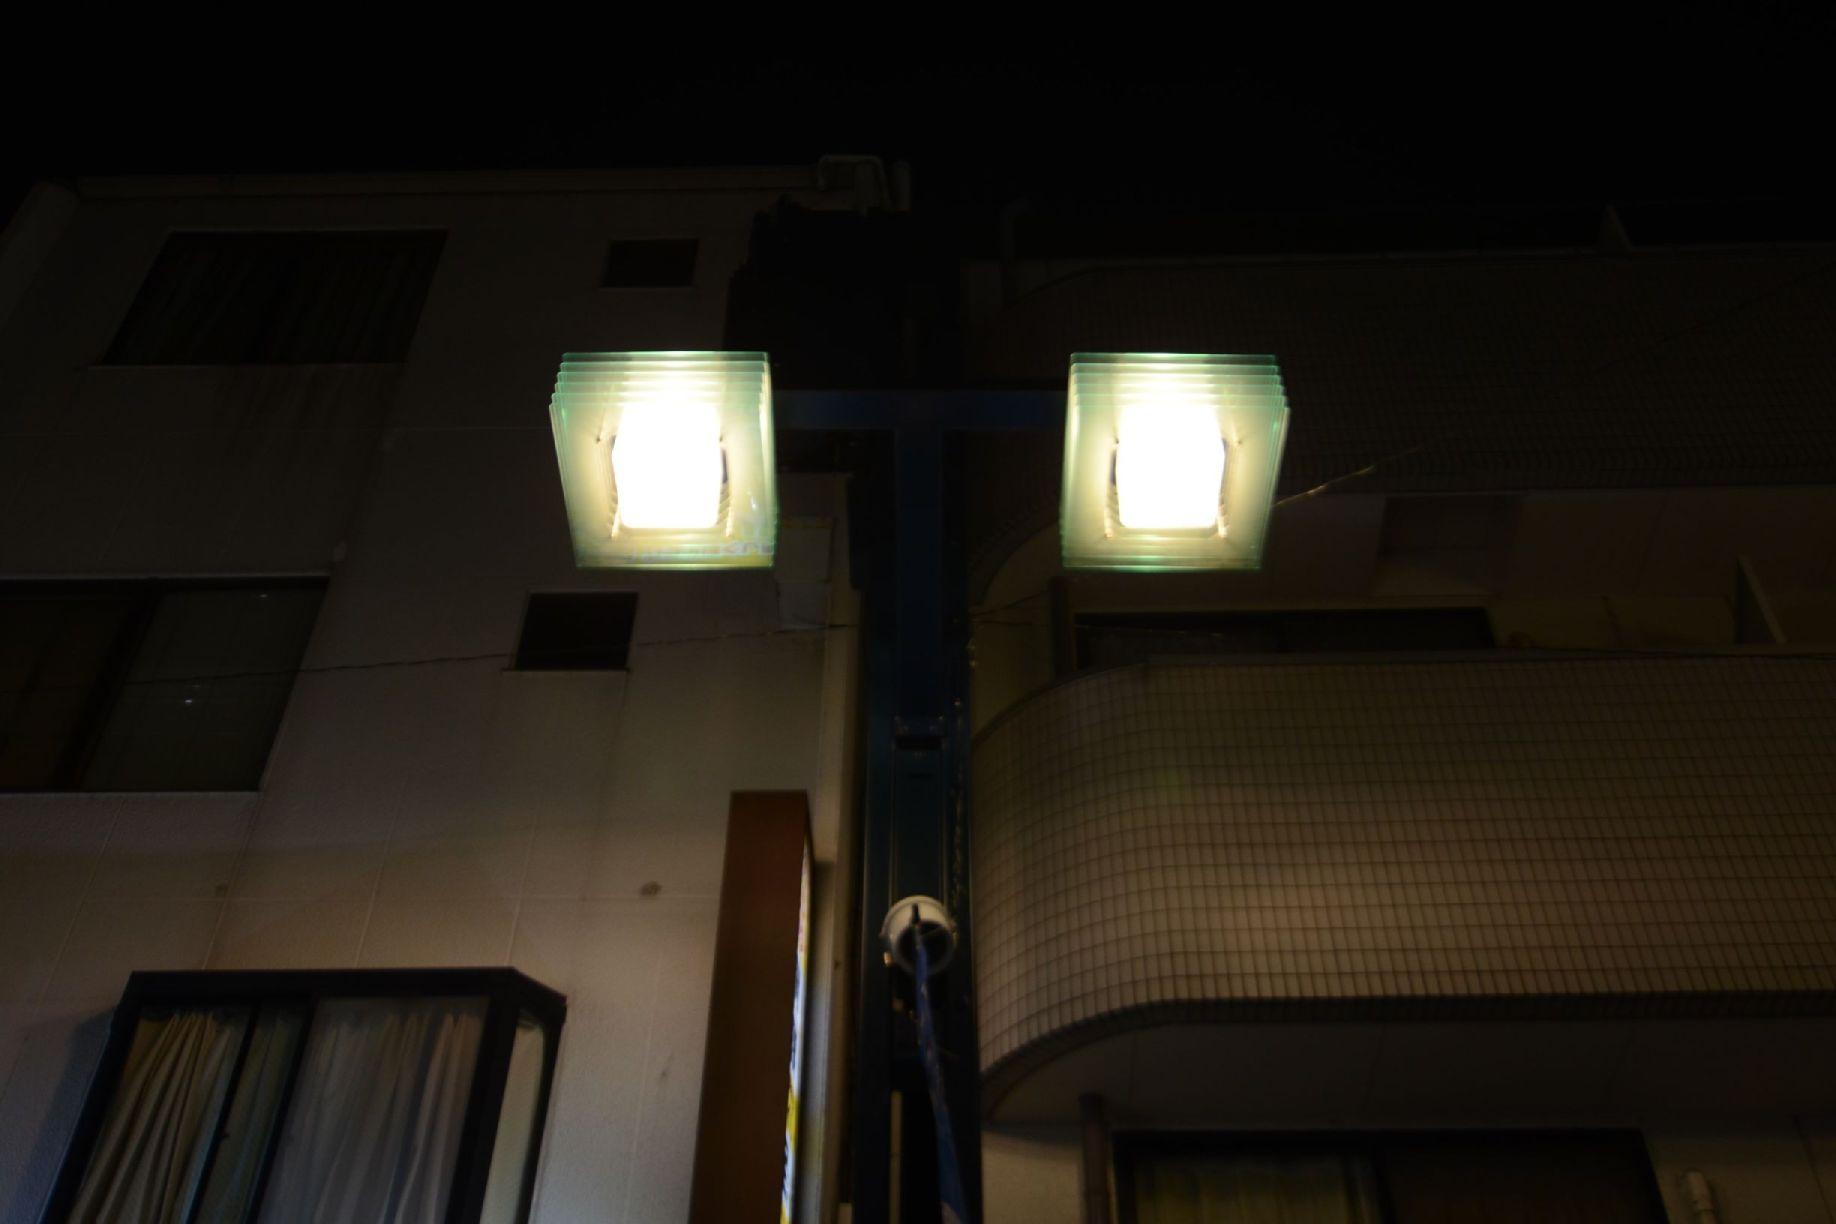 色温度の低い街路灯